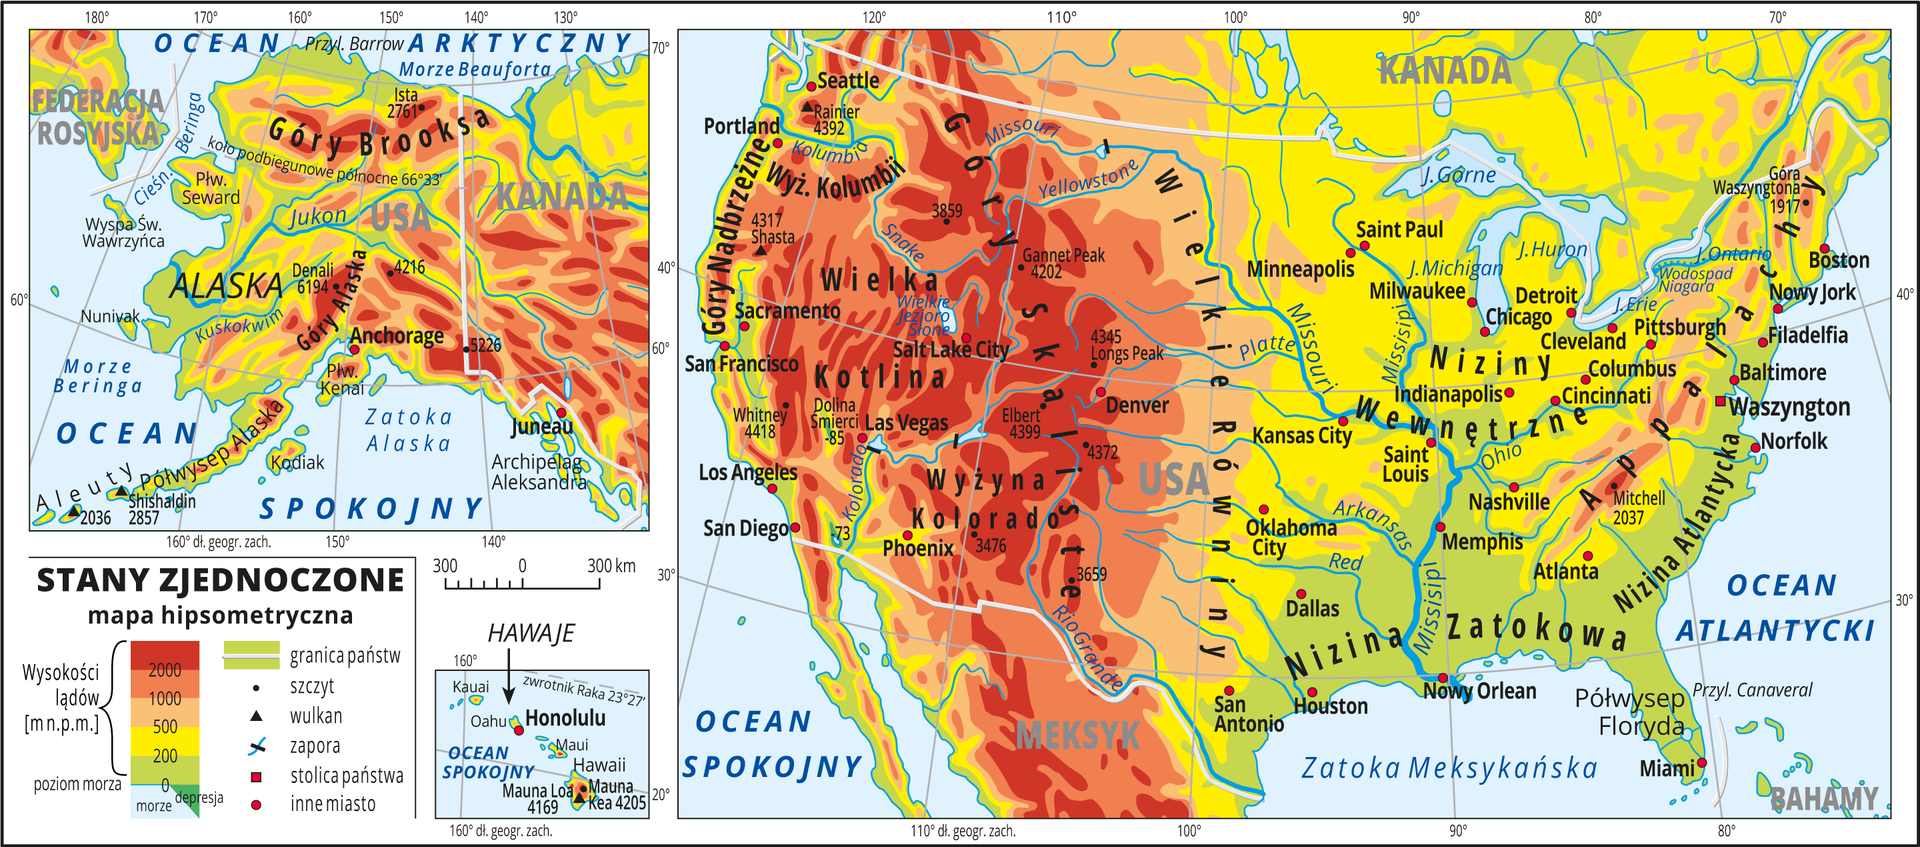 Ilustracja przedstawia mapę hipsometryczną Stanów Zjednoczonych Ameryki Północnej. Mapa główna mieści obszar Stanów Zjednoczonych, na osobnych mapkach Alaska iHawaje. Wobrębie lądów występują obszary wkolorze zielonym, żółtym, pomarańczowym iczerwonym. Na zachodnich wybrzeżach Stanów Zjednoczonych dominują pasma górskie oprzebiegu południkowym. Rozległe niziny wokół największych rzek. Morza zaznaczono kolorem niebieskim. Na mapie opisano nazwy półwyspów, wysp, nizin, wyżyn ipasm górskich, mórz, zatok, rzek ijezior. Oznaczono iopisano stolice igłówne miasta. Opisano nazwy państw. Oznaczono czarnymi kropkami iopisano szczyty górskie. Trójkątami oznaczono wulkany ipodano ich nazwy iwysokości. Mapa pokryta jest równoleżnikami ipołudnikami. Dookoła mapy wbiałej ramce opisano współrzędne geograficzne co dziesięć stopni. Wlegendzie umieszczono iopisano znaki użyte na mapie.